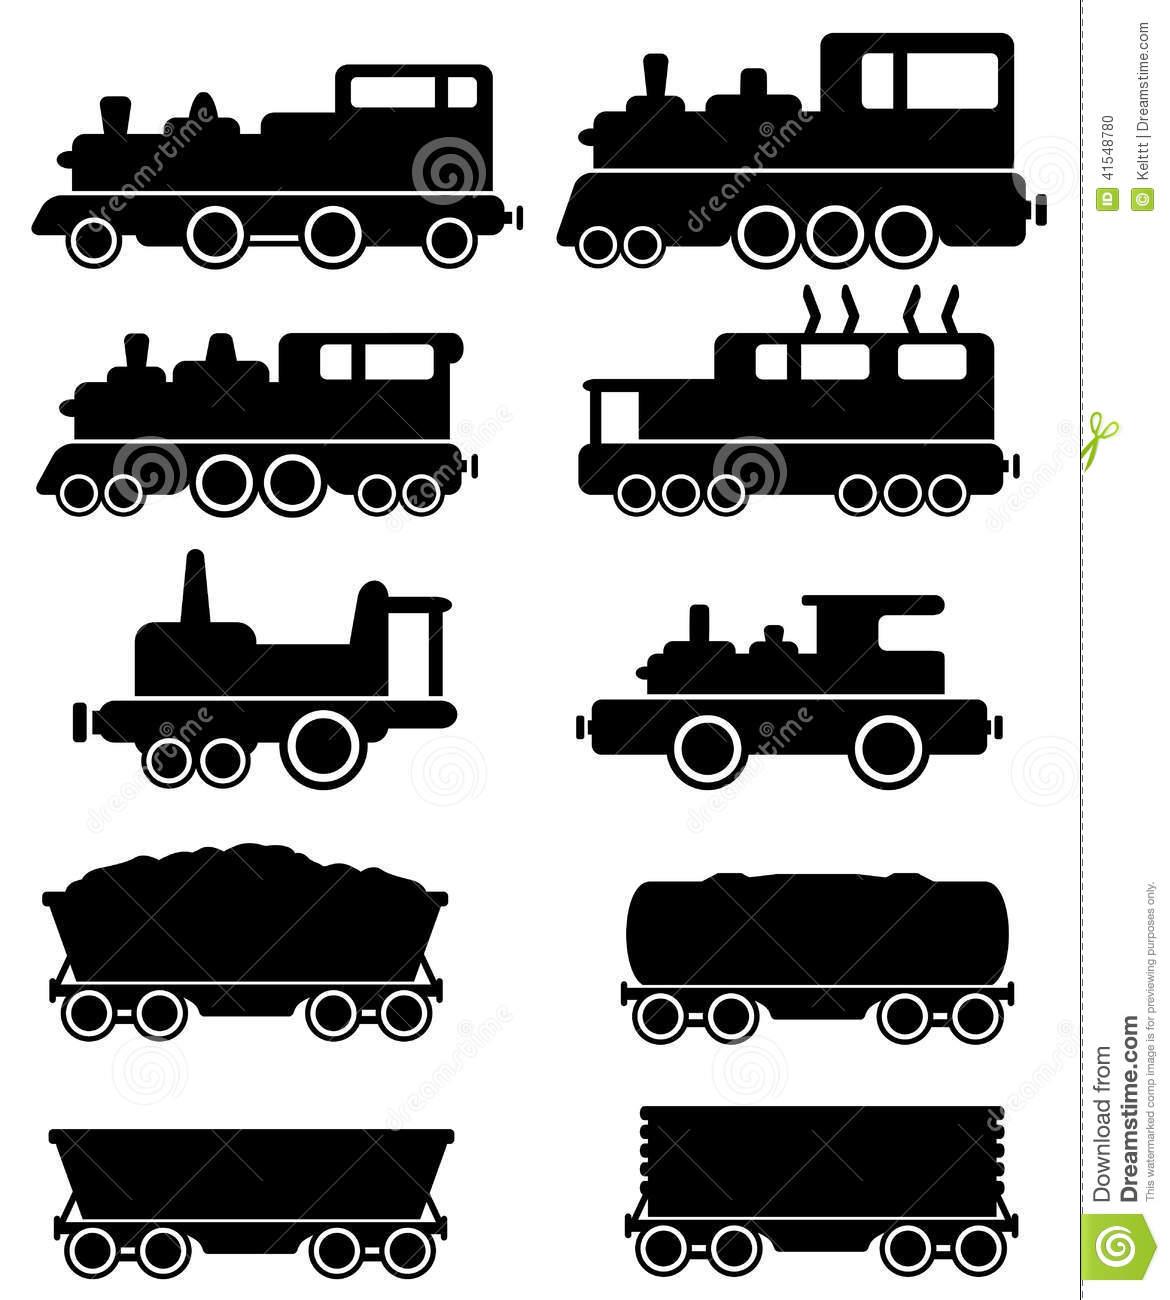 Carro Ajustado Do Trem E De Estrada De Ferro Ilustração do Vetor.